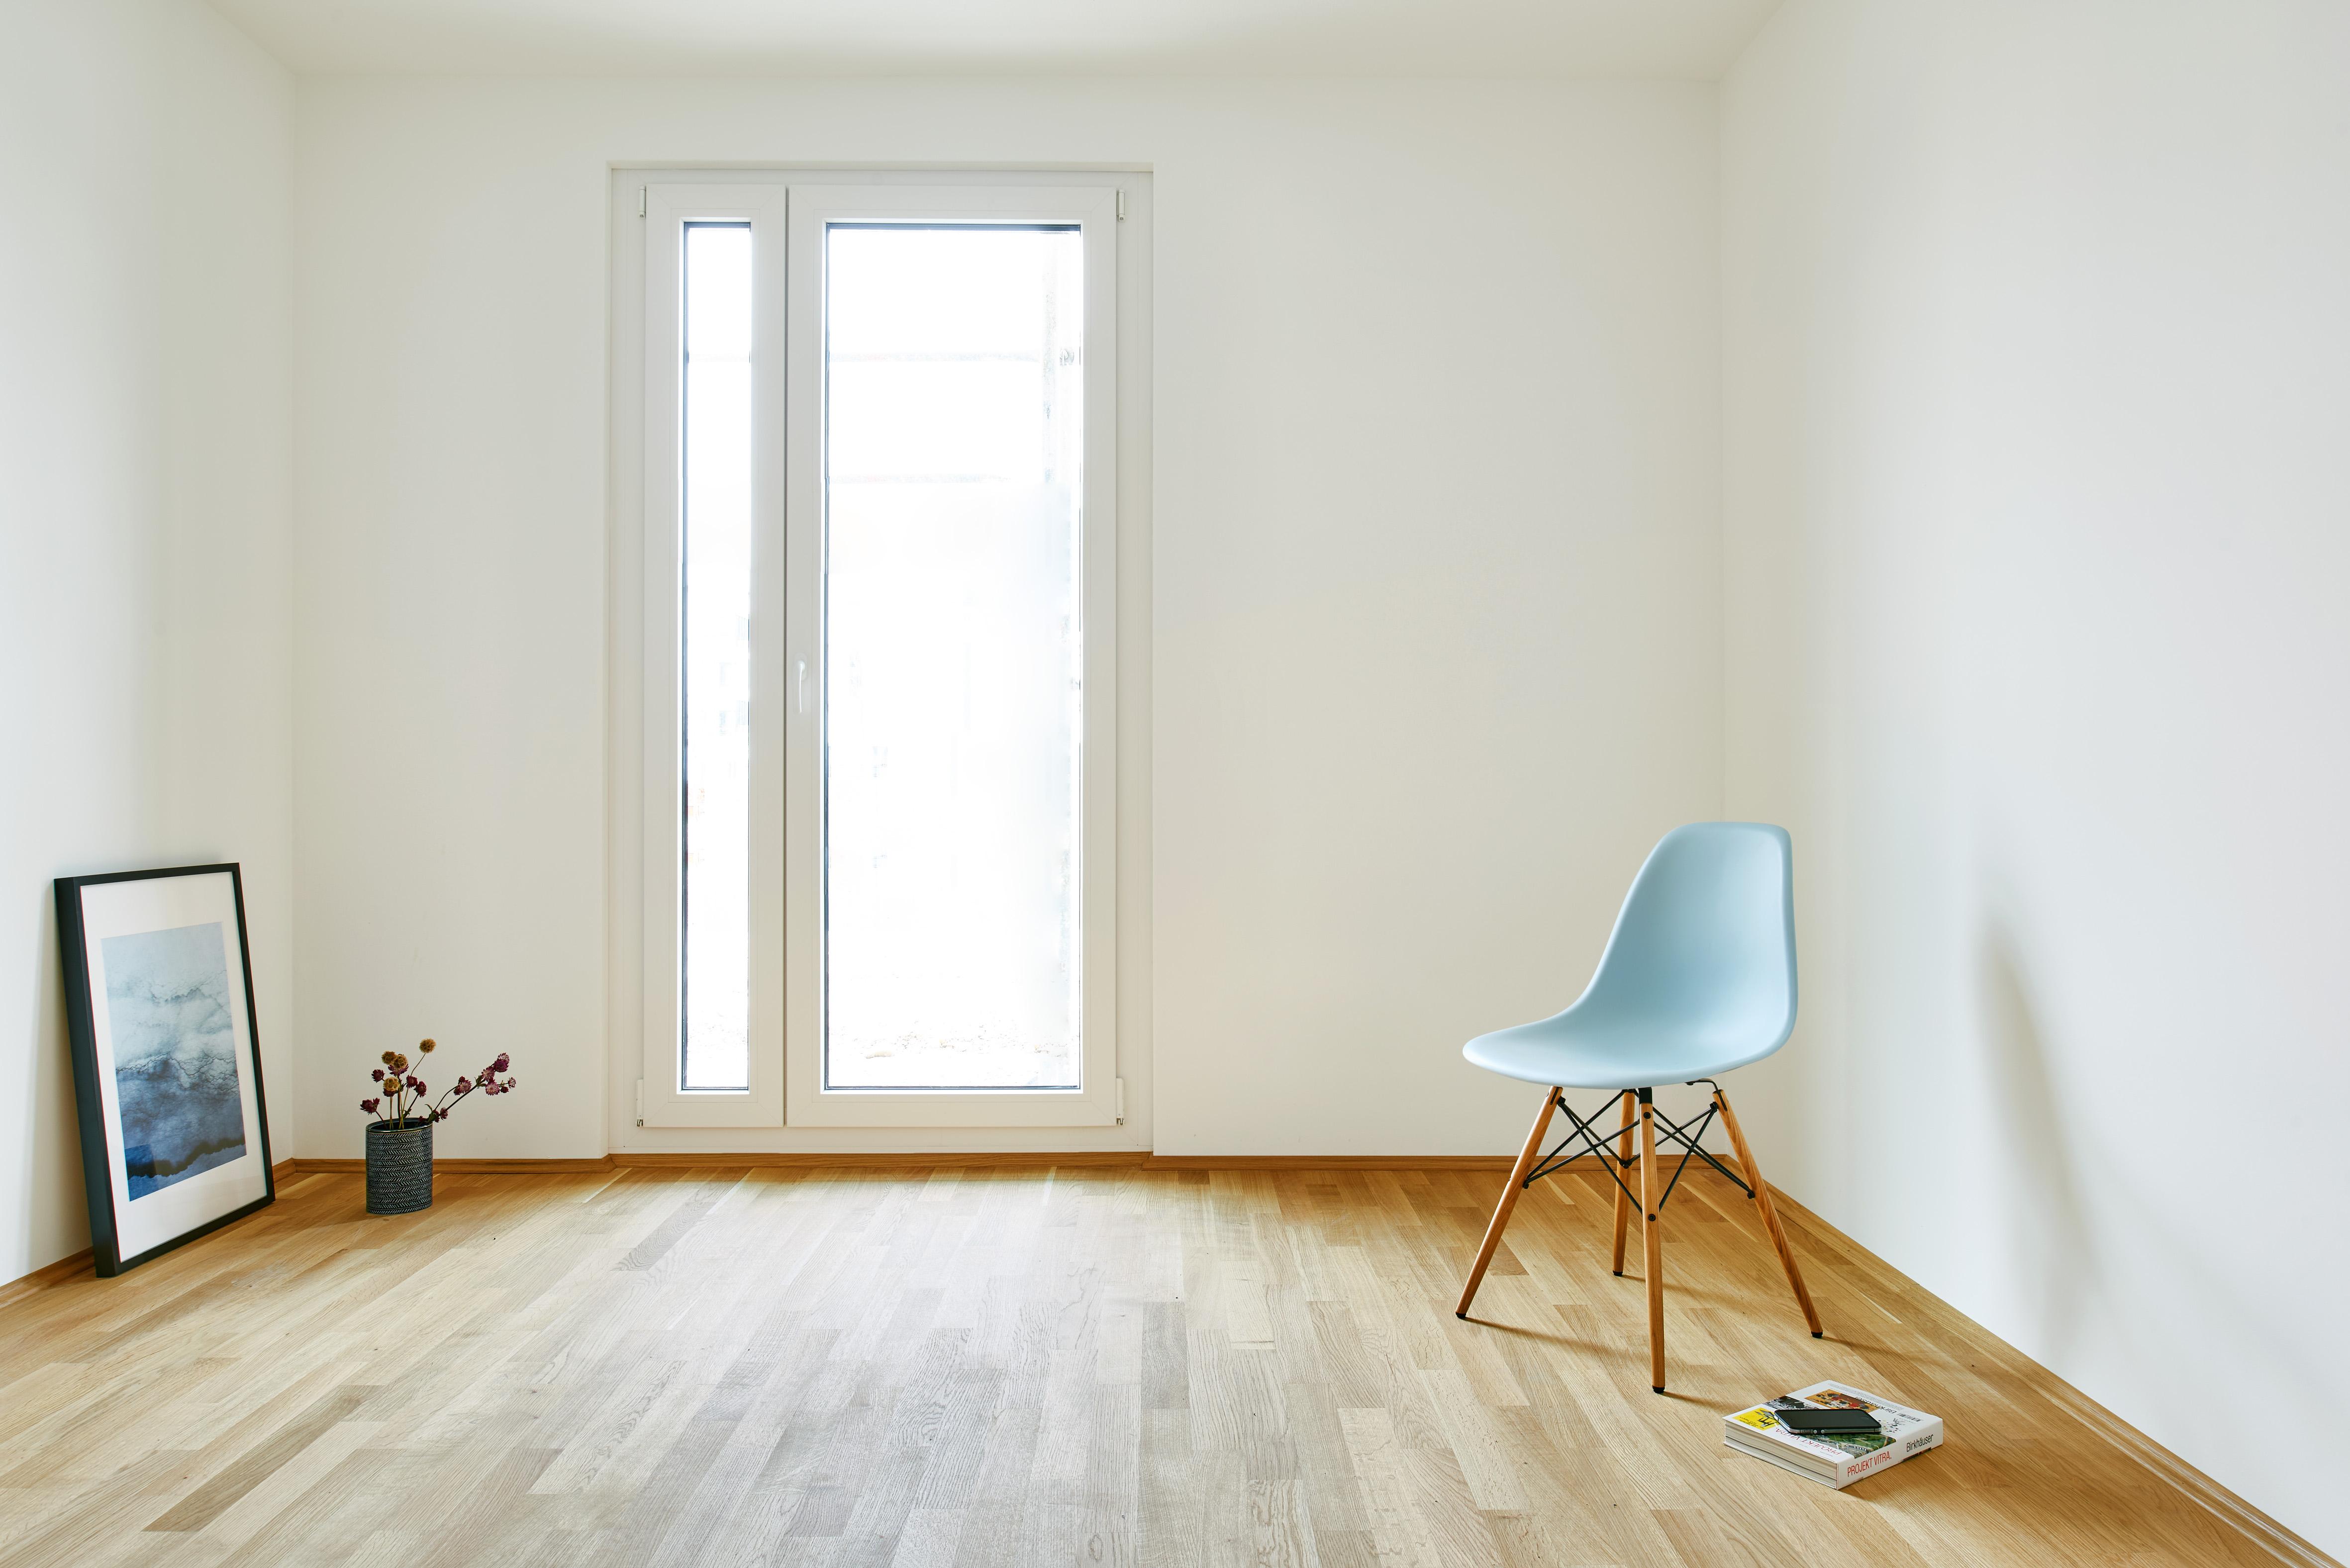 24 x 3 zimmer wohnung mit gro er dusche neubau 80634 m nchen neuhausen butschal immobilien. Black Bedroom Furniture Sets. Home Design Ideas